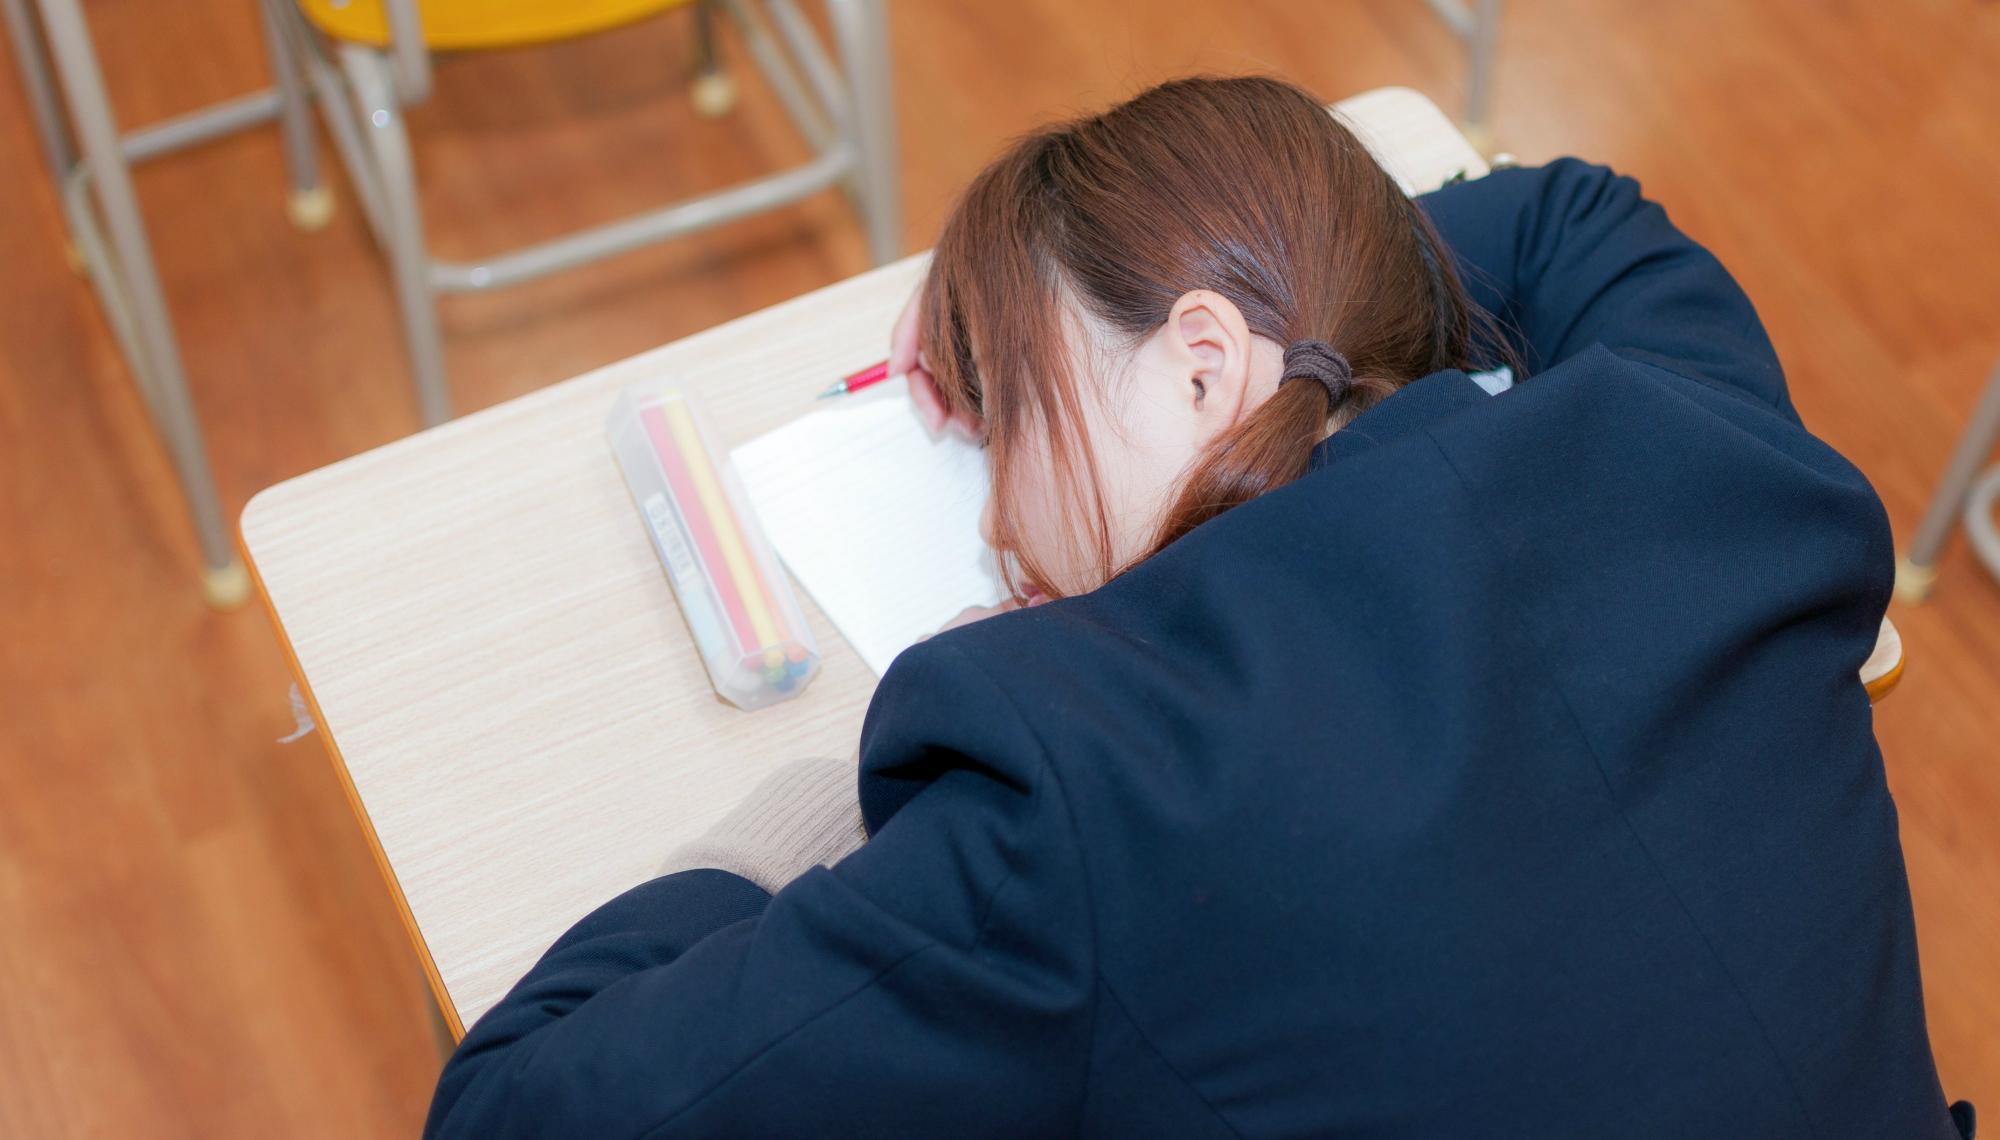 まだ受験勉強で消耗してるの?-放課後や週末まで子どもに長時間残業させない時代へ変える方法